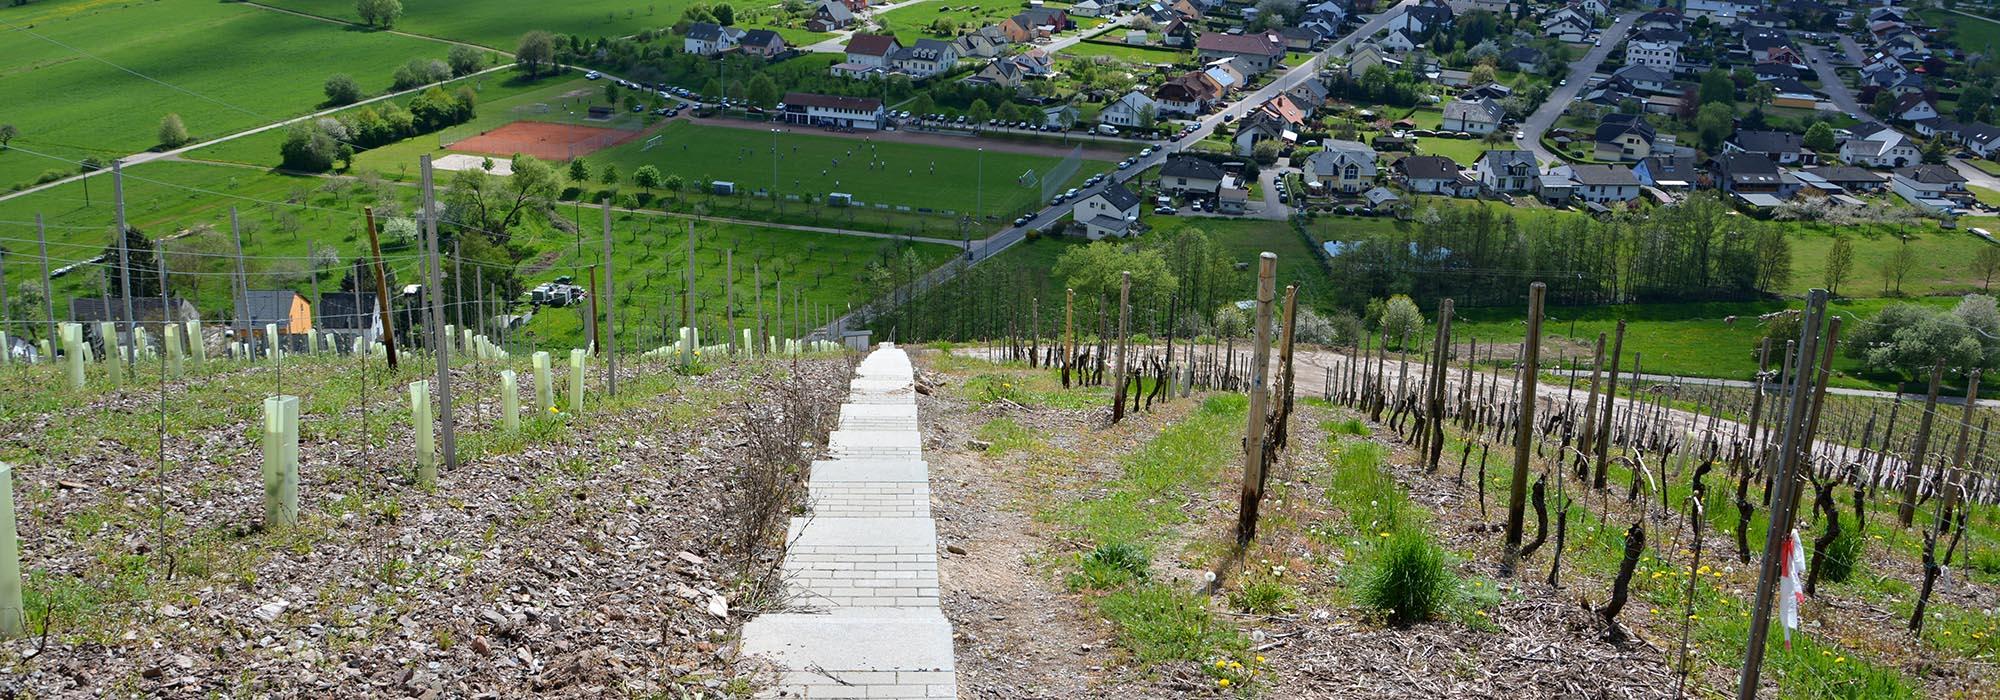 DSC_0269Ayl-Treppe